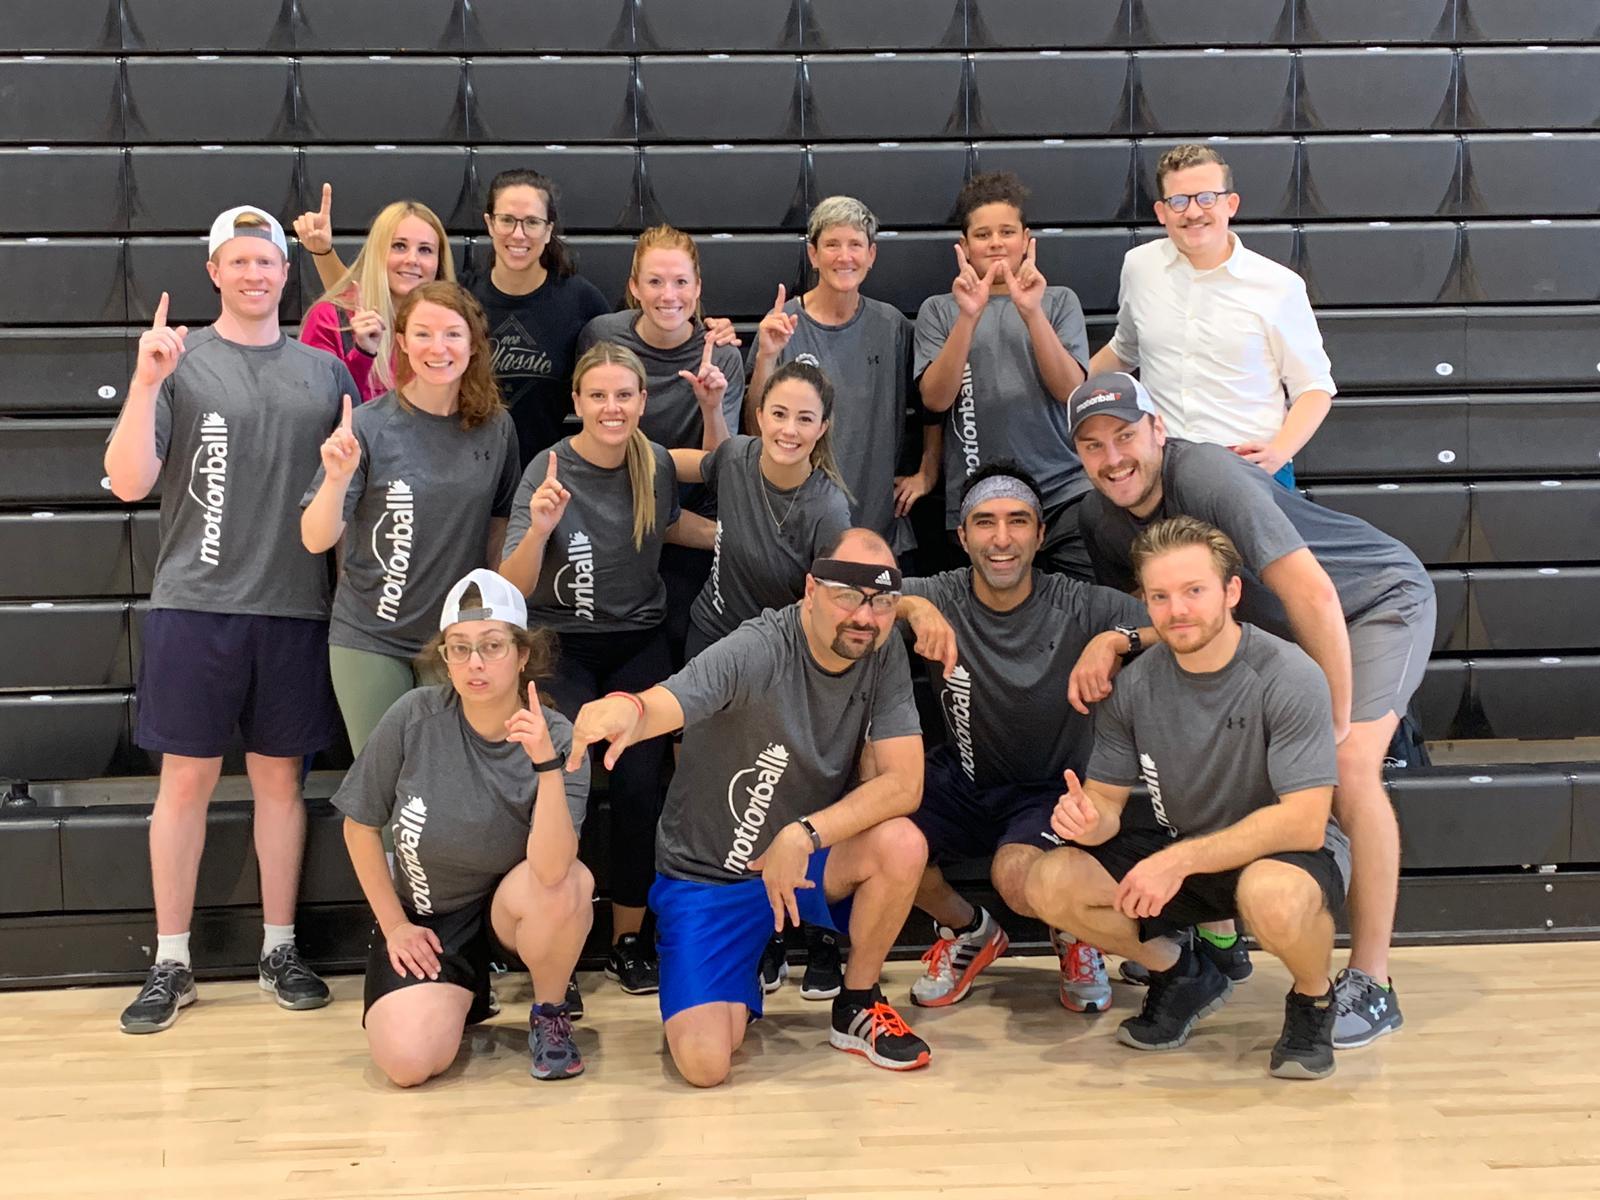 Group photo at motionball 2019